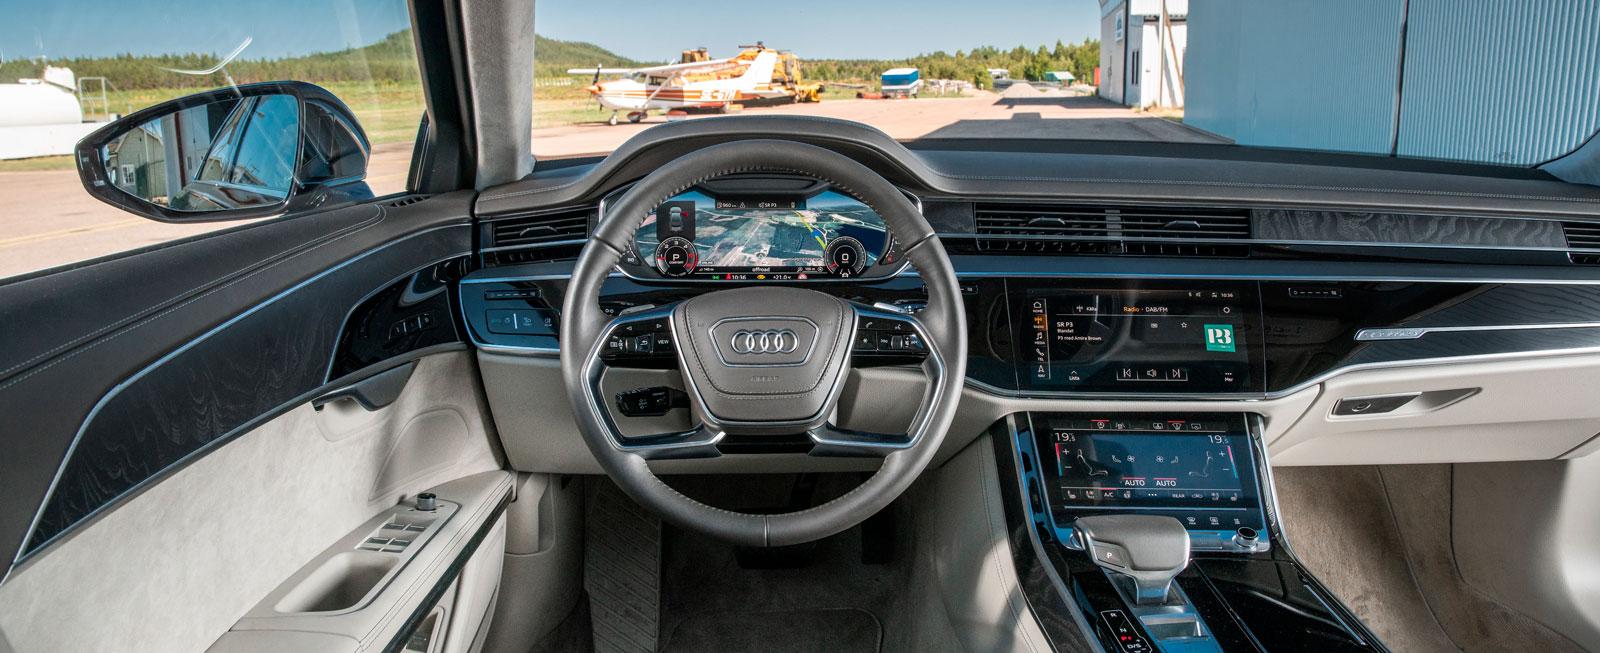 Audi har rensat hårt bland knappar/reglage och ersatt dem med två stora pekskärmar. Allmänintrycket är stramt – men med en rejäl dos lyxkänsla.